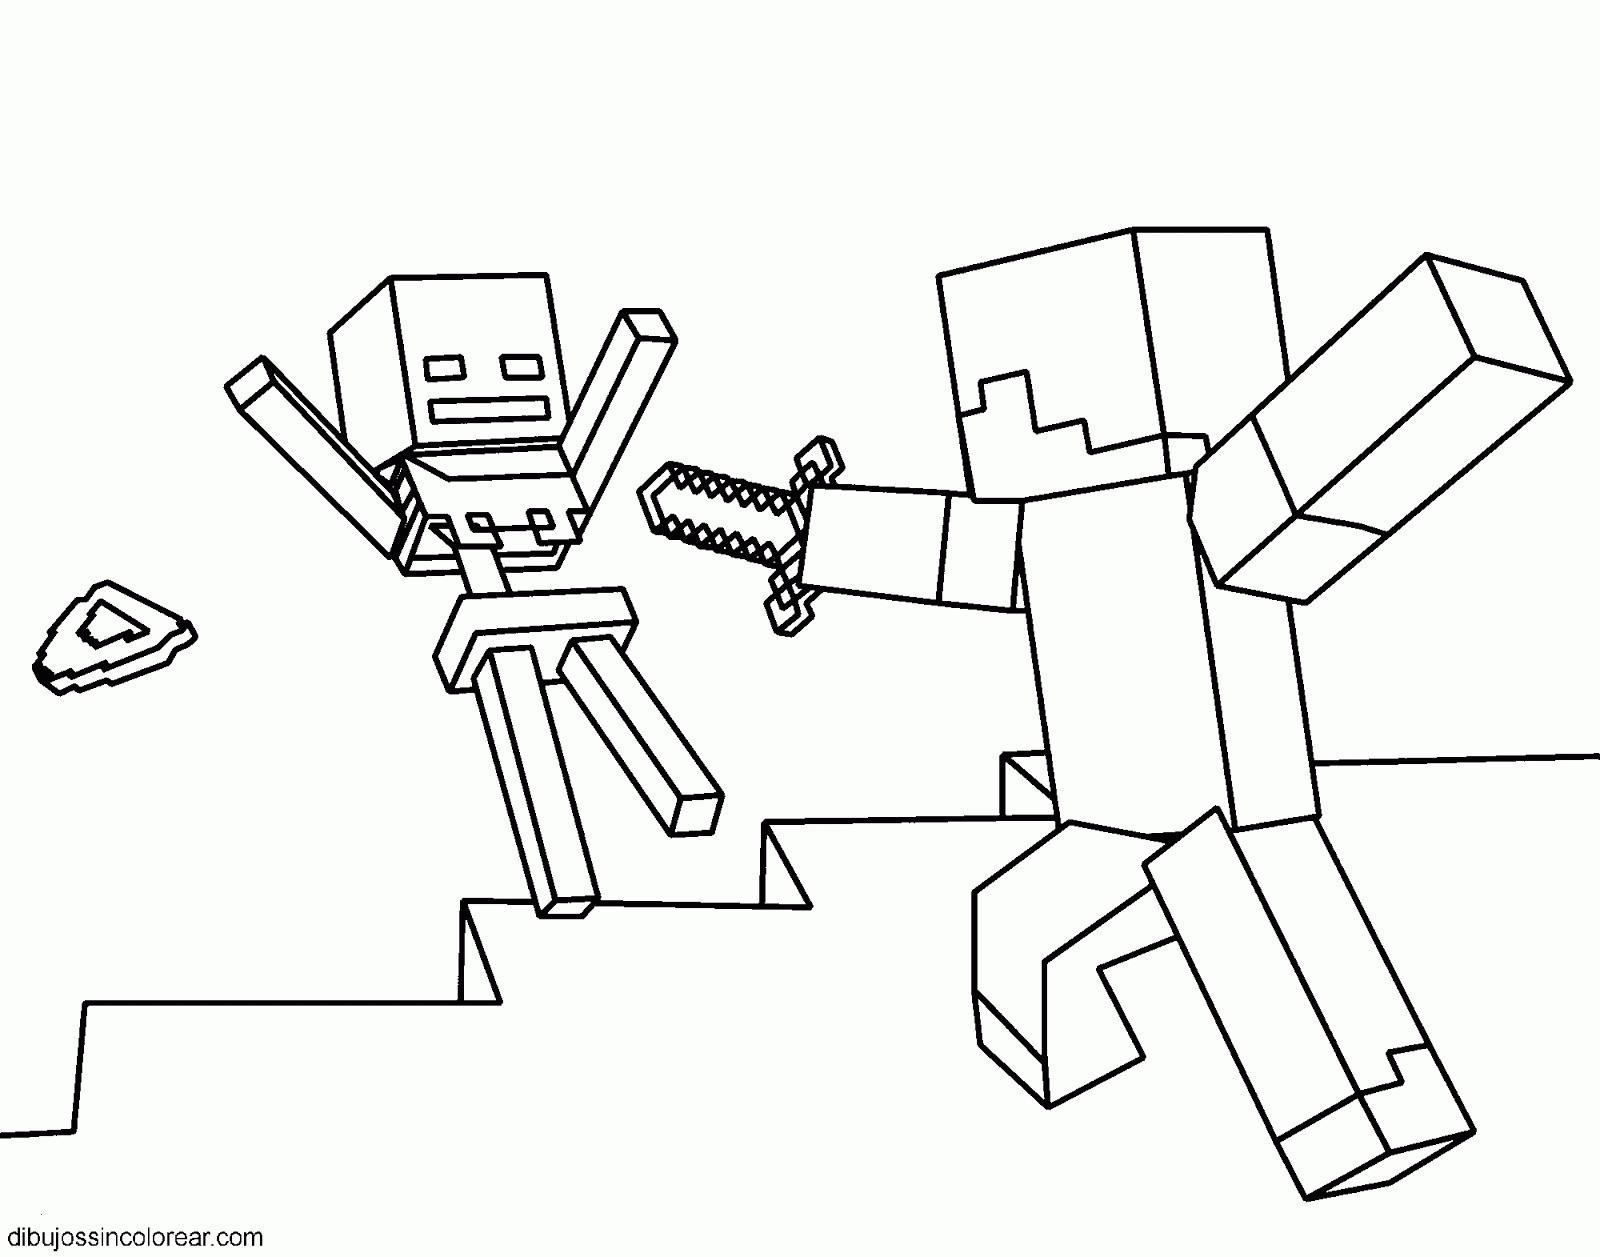 Minecraft Bilder Zum Ausmalen Genial Minecraft Drawing at Getdrawings Elegant Minecraft Ausmalbilder Das Bild